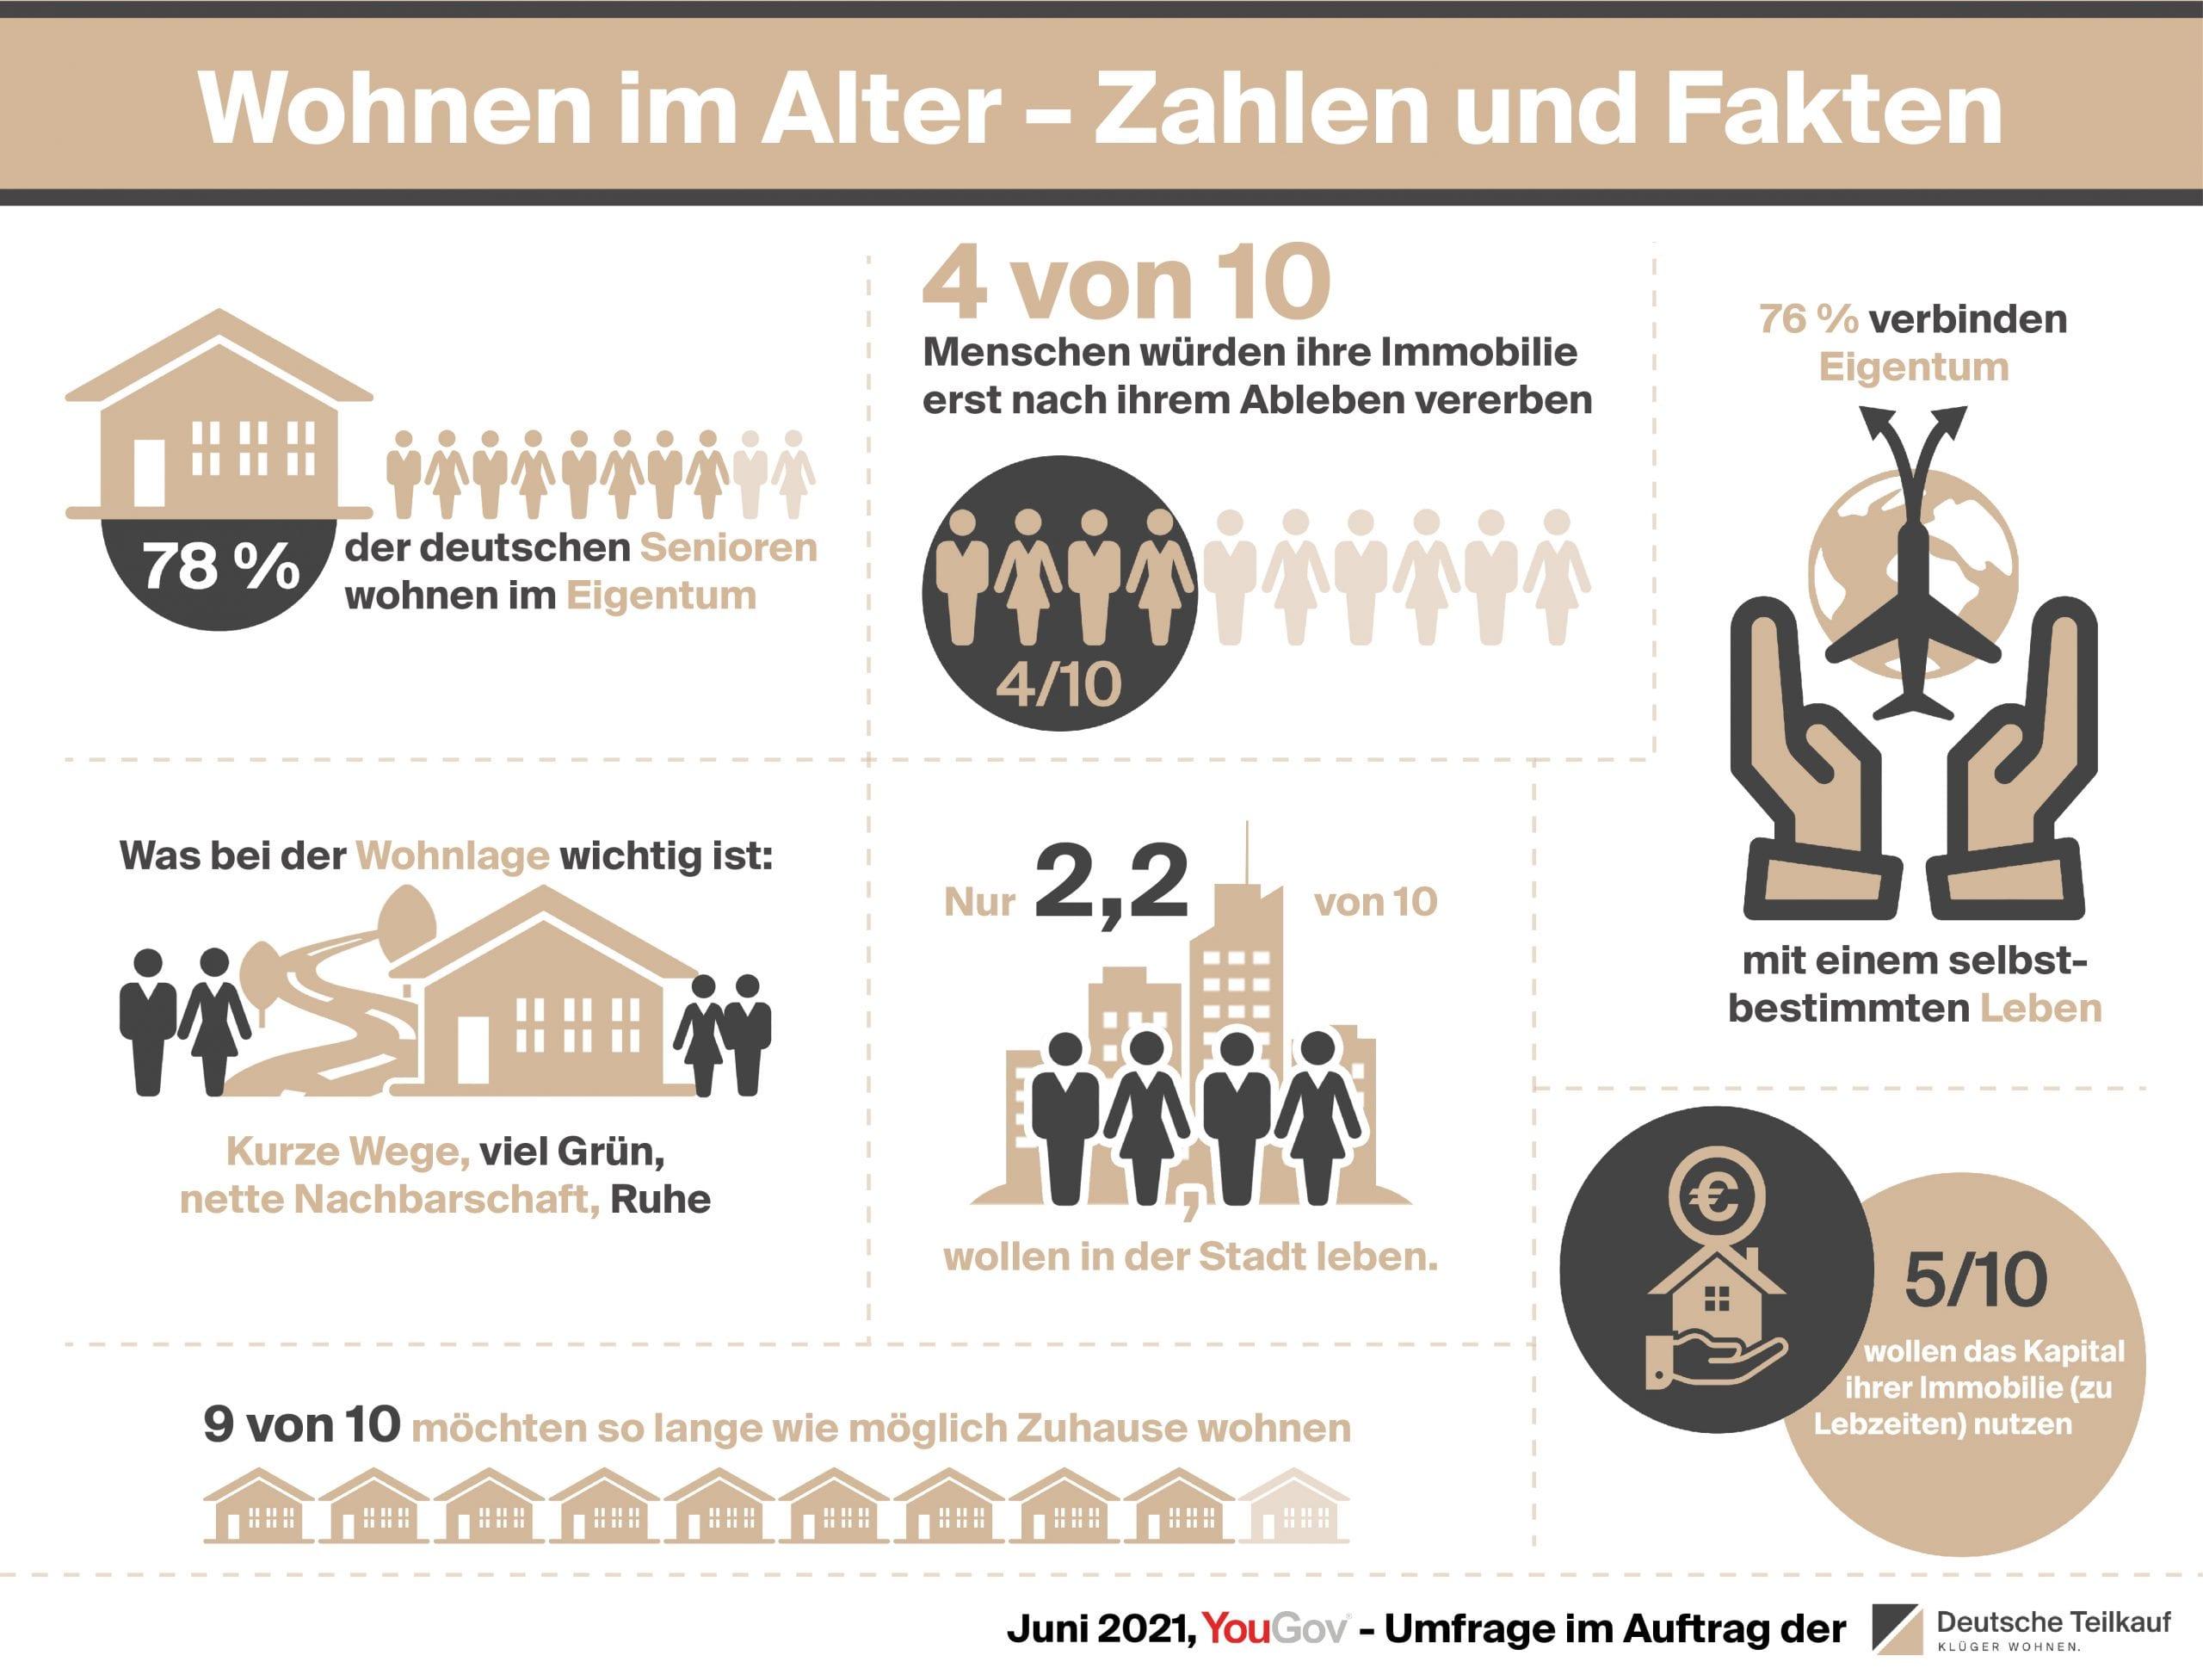 Wohnen im Alter - Zahlen und Fakten